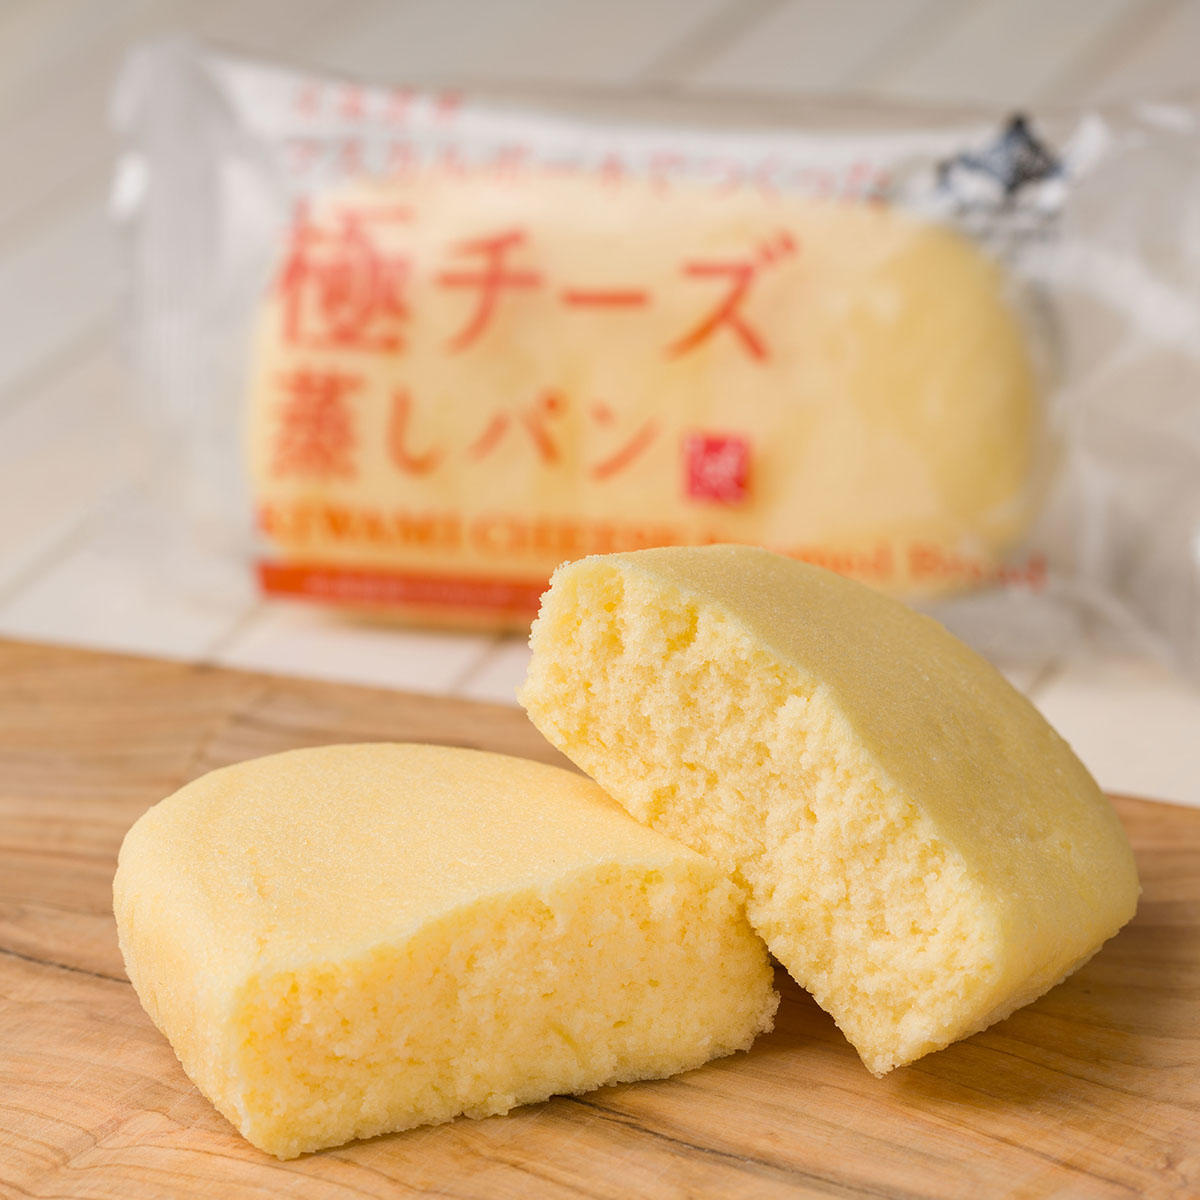 もへじ北海道から_北海道産マスカルポーネでつくった極チーズ蒸しパン